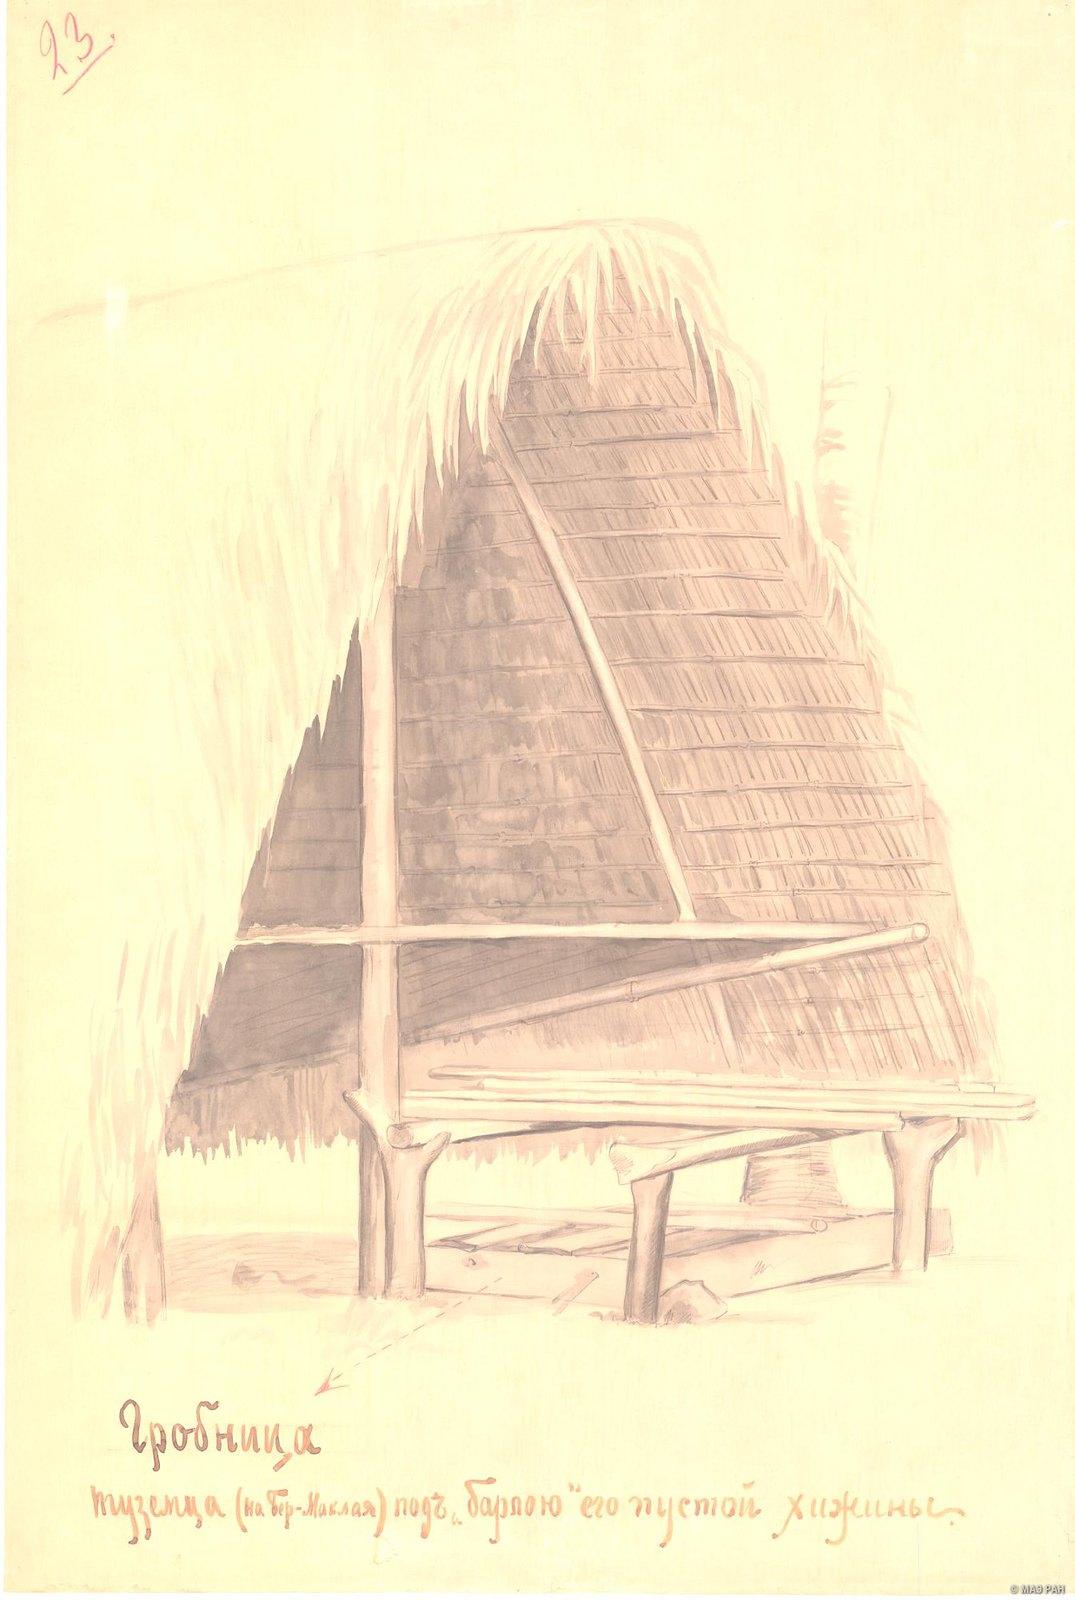 1880-е. Гробница туземца (на Бер. Маклая) под «барлою» его пустой хижины